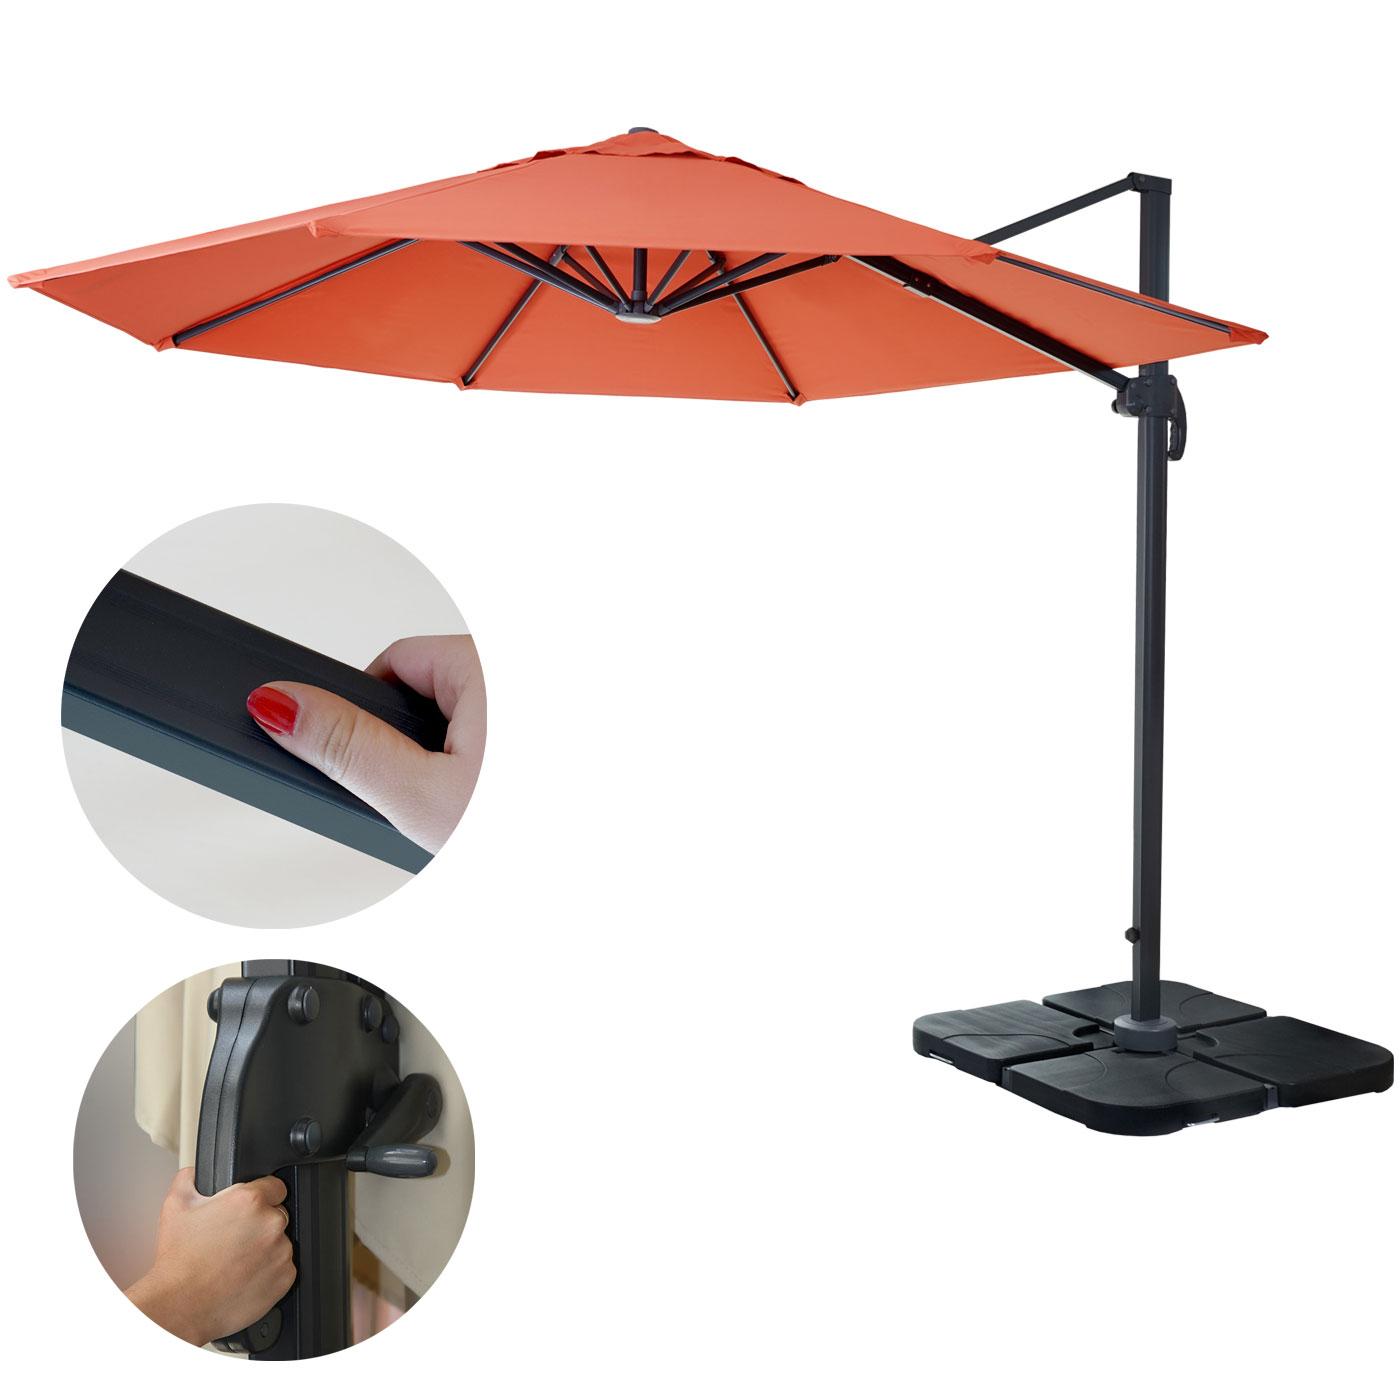 gastronomie luxus ampelschirm sonnenschirm n22 3m terrakotta mit st nder. Black Bedroom Furniture Sets. Home Design Ideas